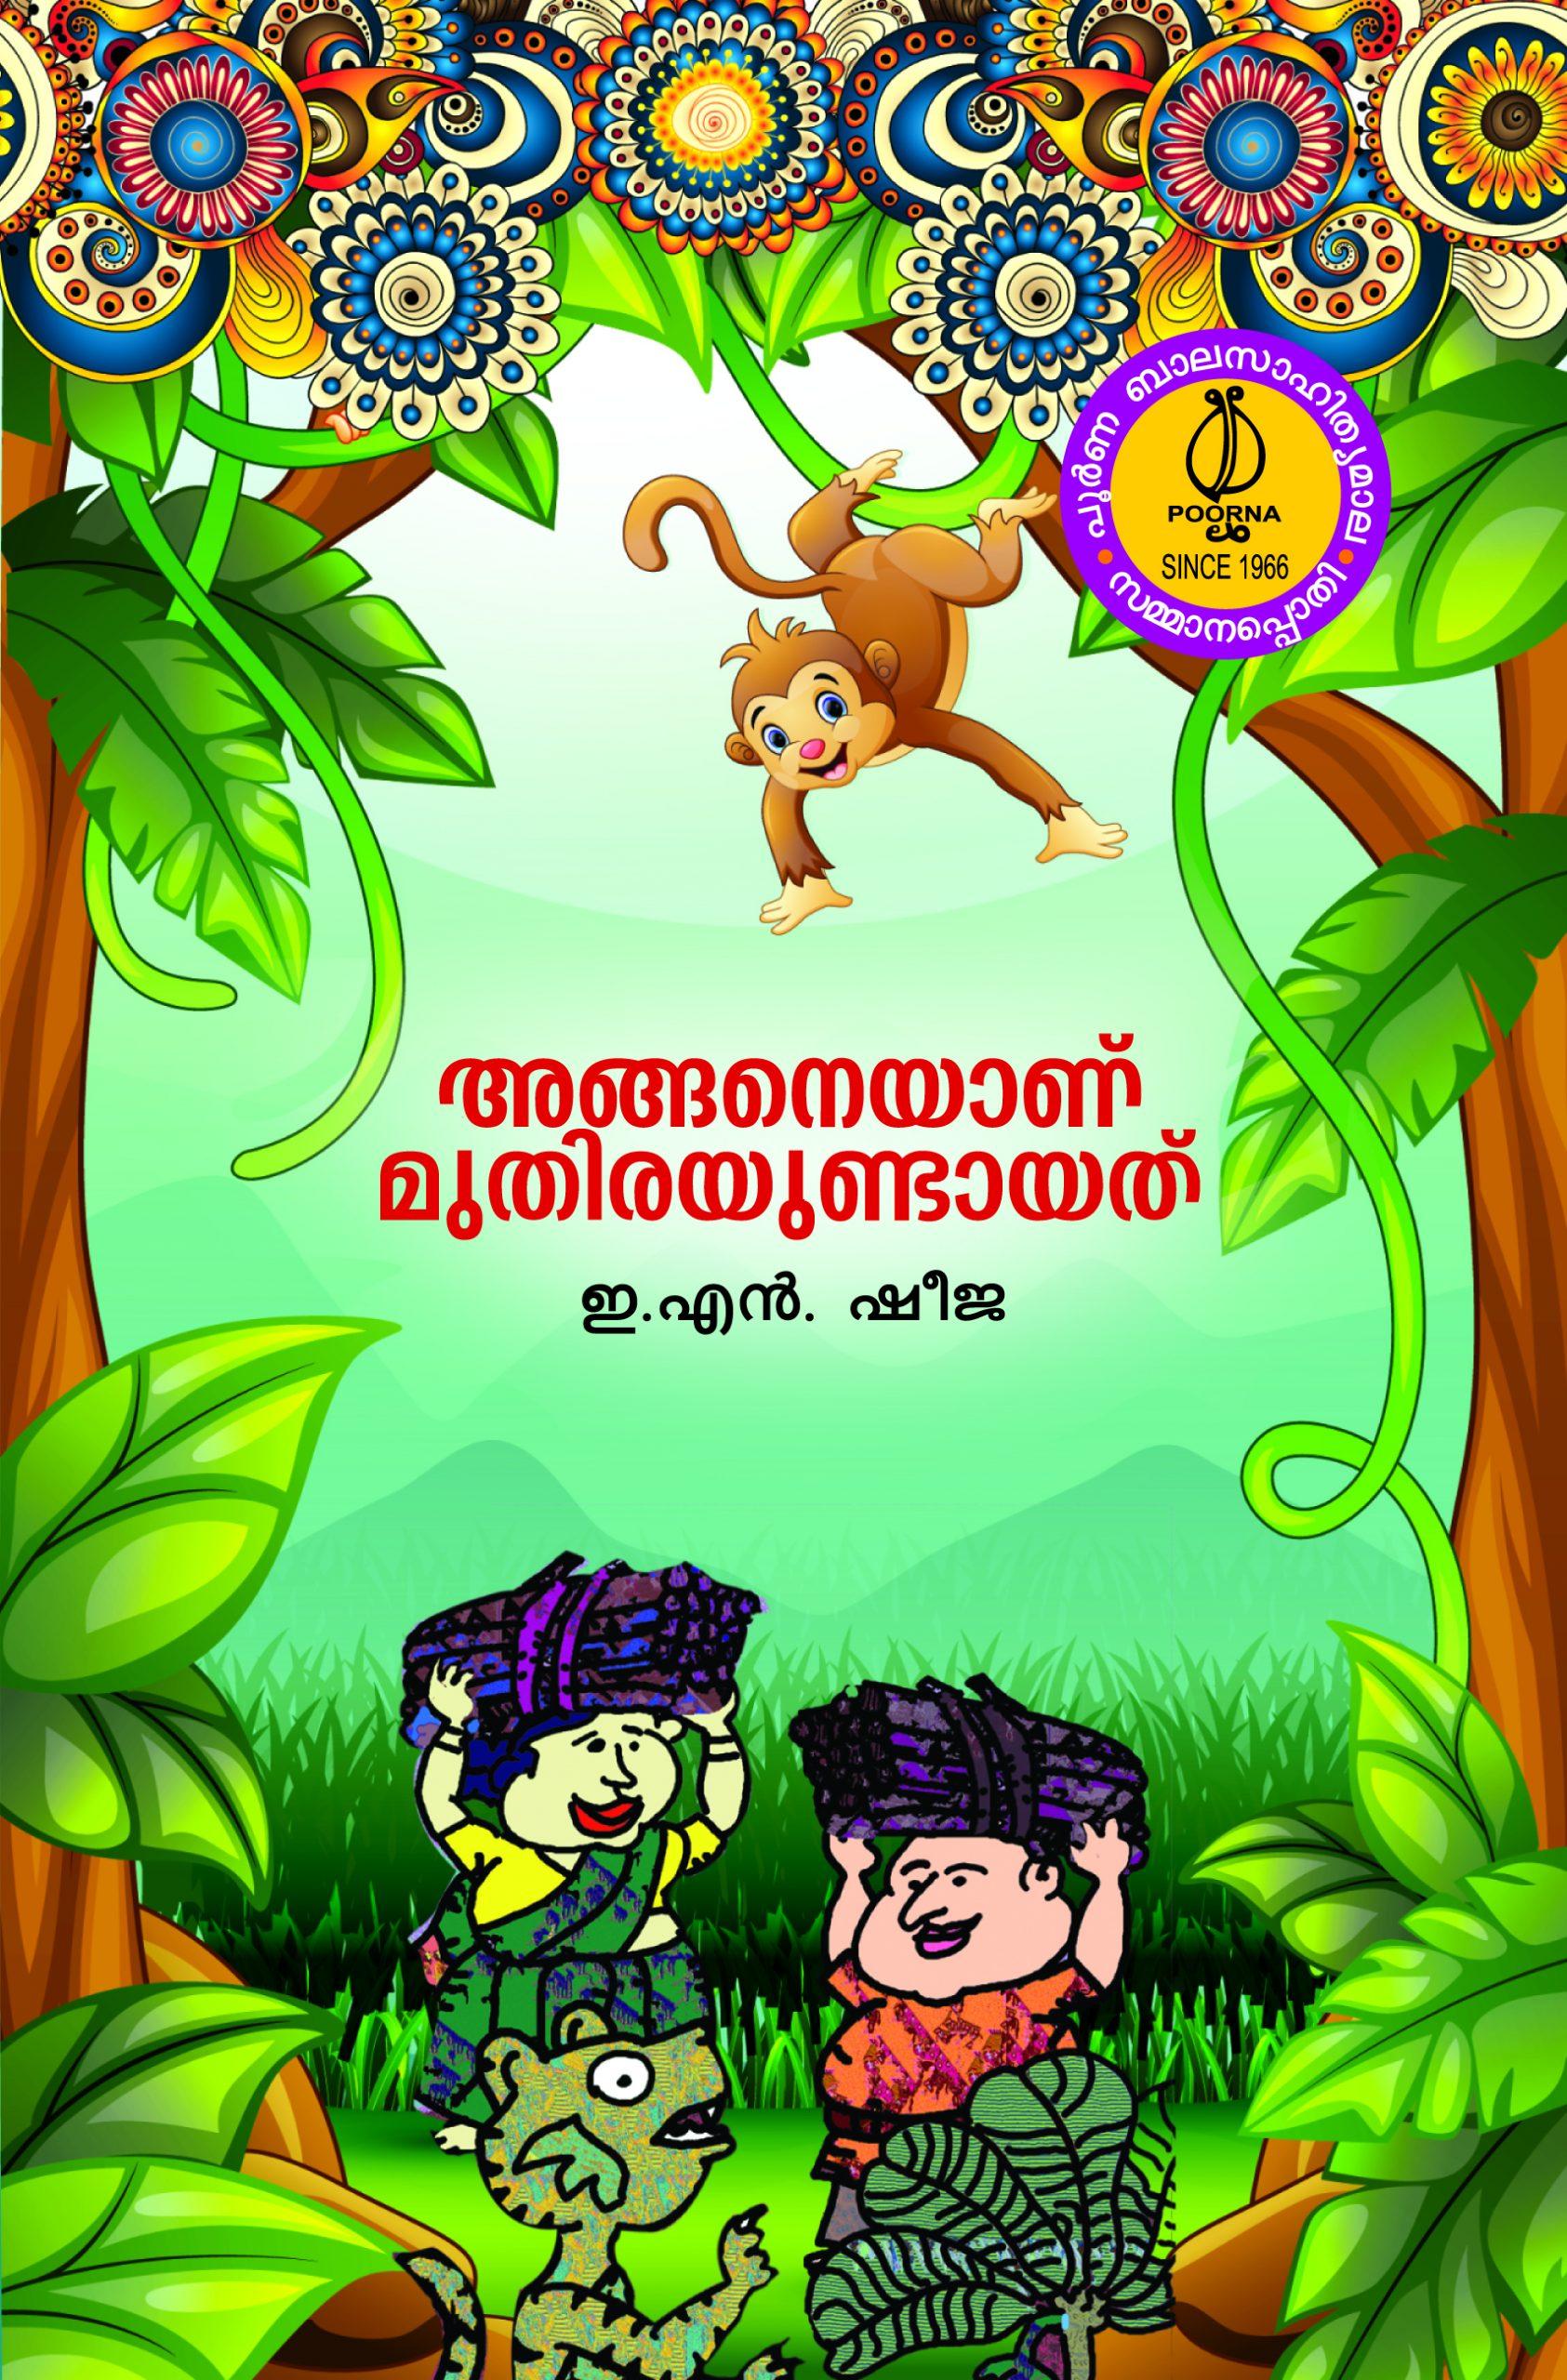 Anganeyanu Muthirayundayathu